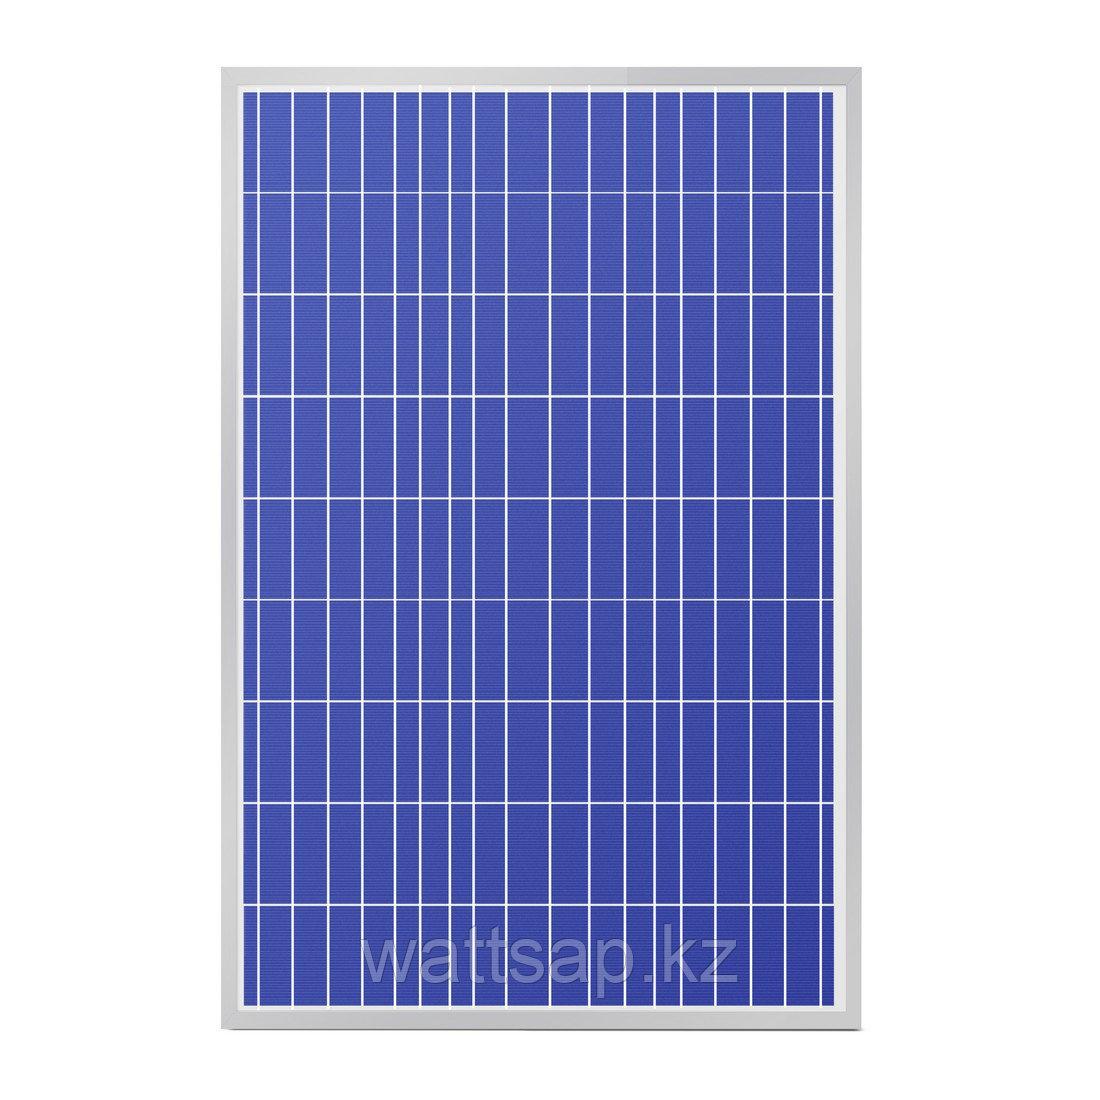 Солнечная панель, SVC, P-150, Мощность: 150Вт, Напряжение: 24В, Тип: поликристалическая, Класс: 1 класс, Рабочая температура: -40С+85С, Защита: IP65.